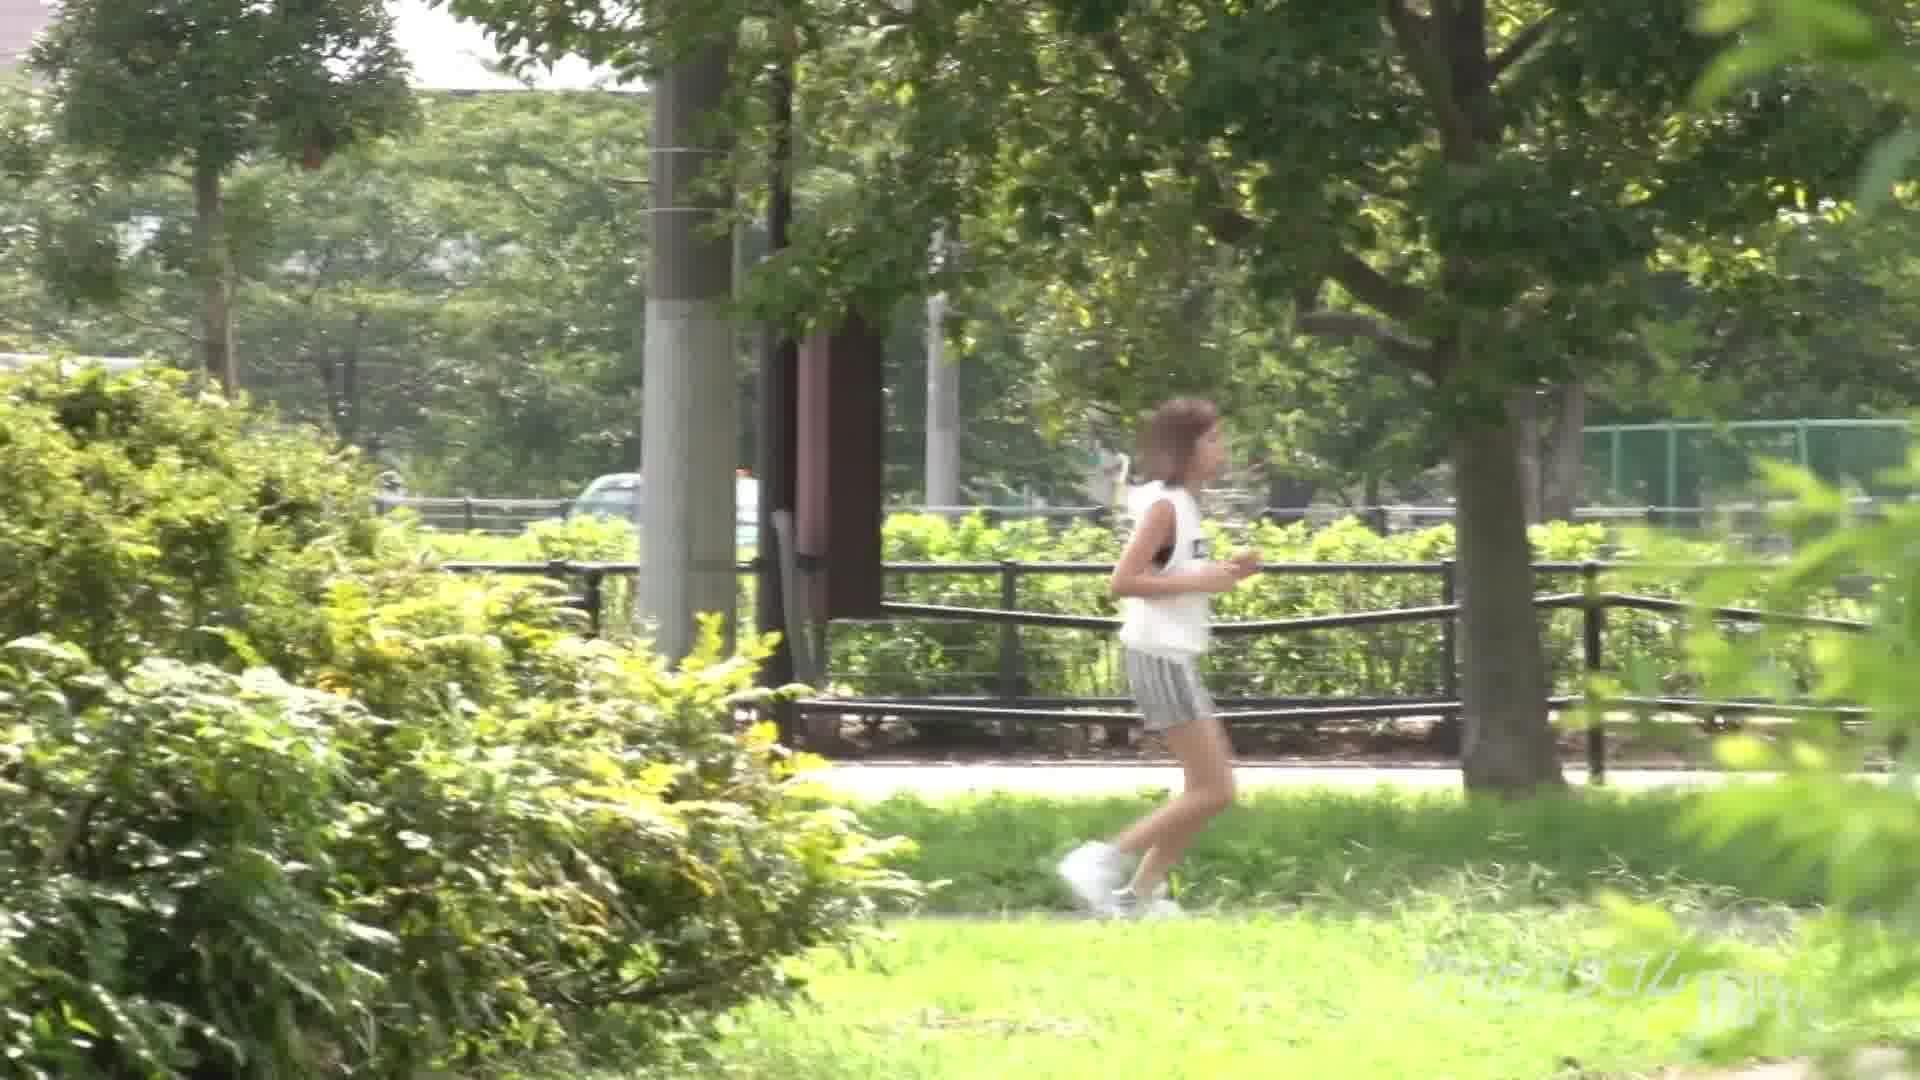 お兄ちゃん遊ぼう - 蒼乃かな【スレンダー・中出し・初裏】